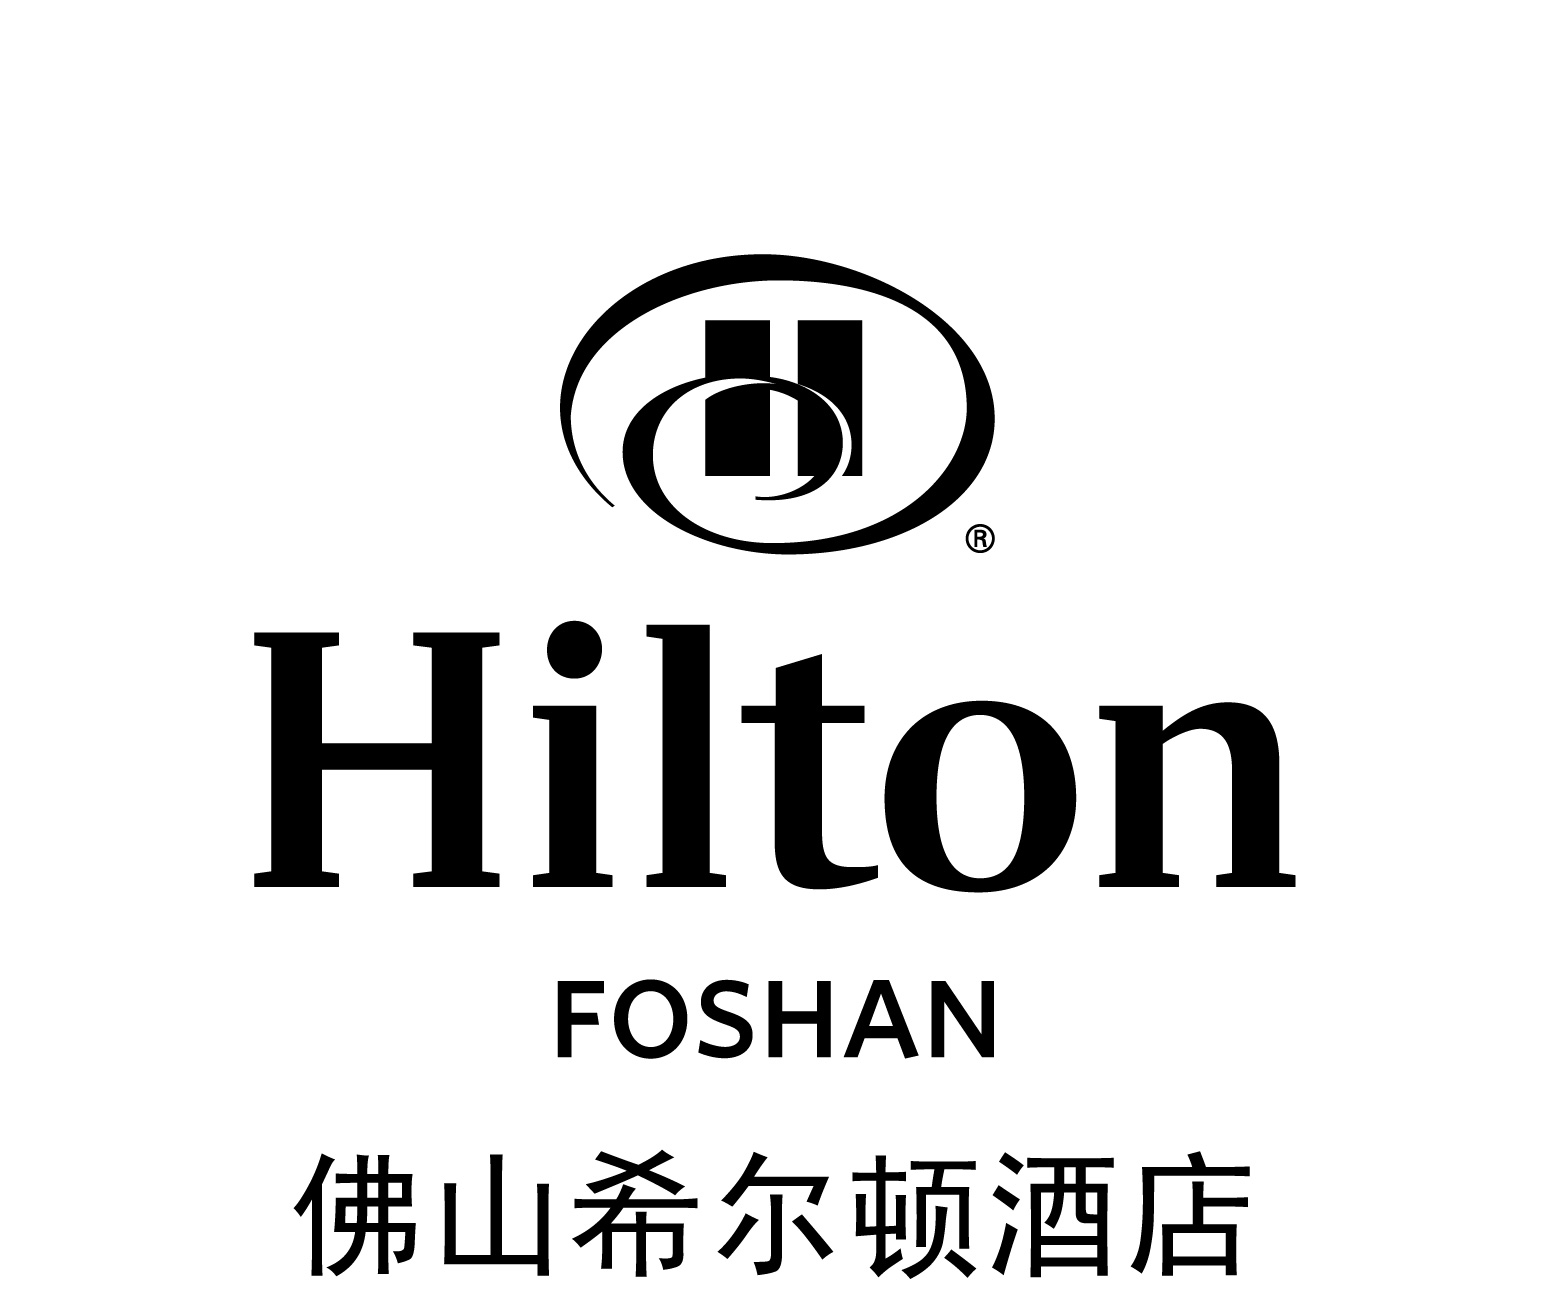 佛山碧桂园酒店有限公司希尔顿酒店管理分公司logo